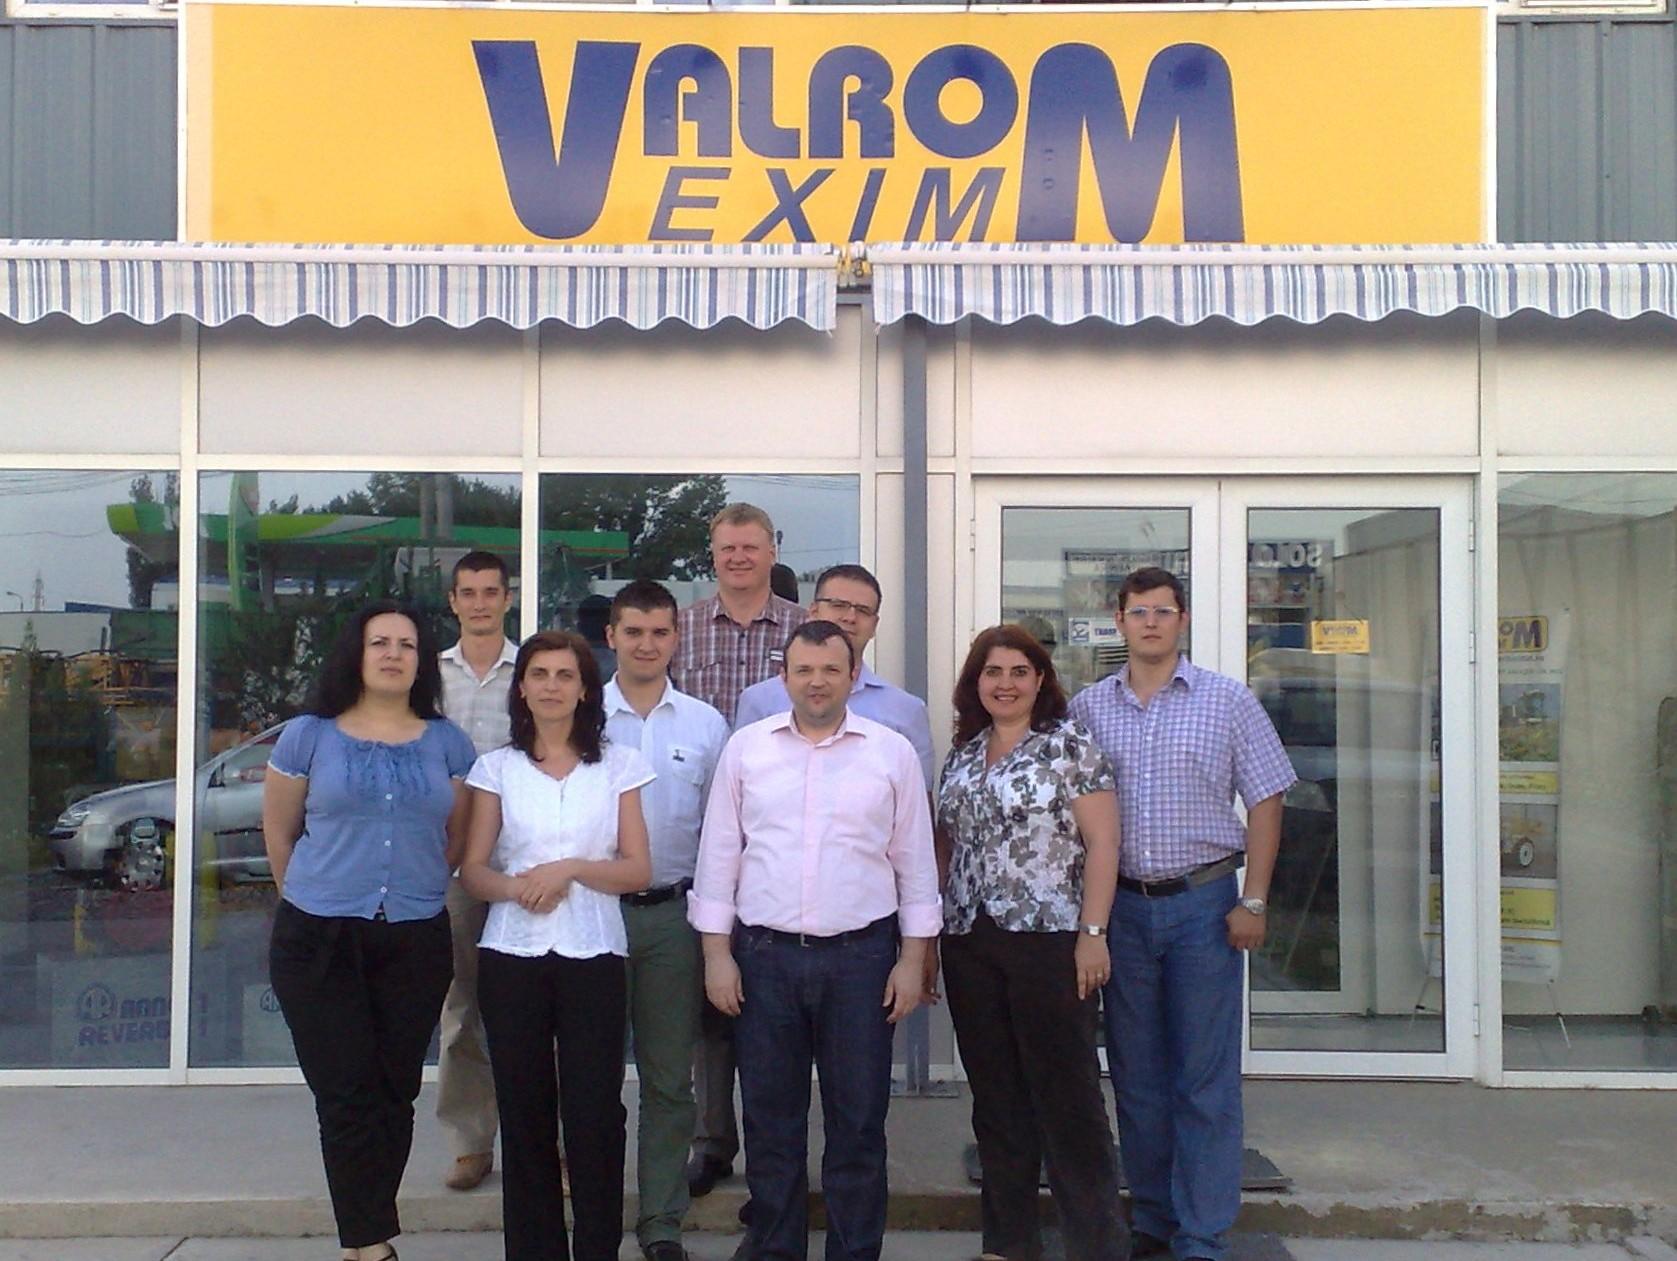 Impreuna cu echipa Valrom Exim - Braila